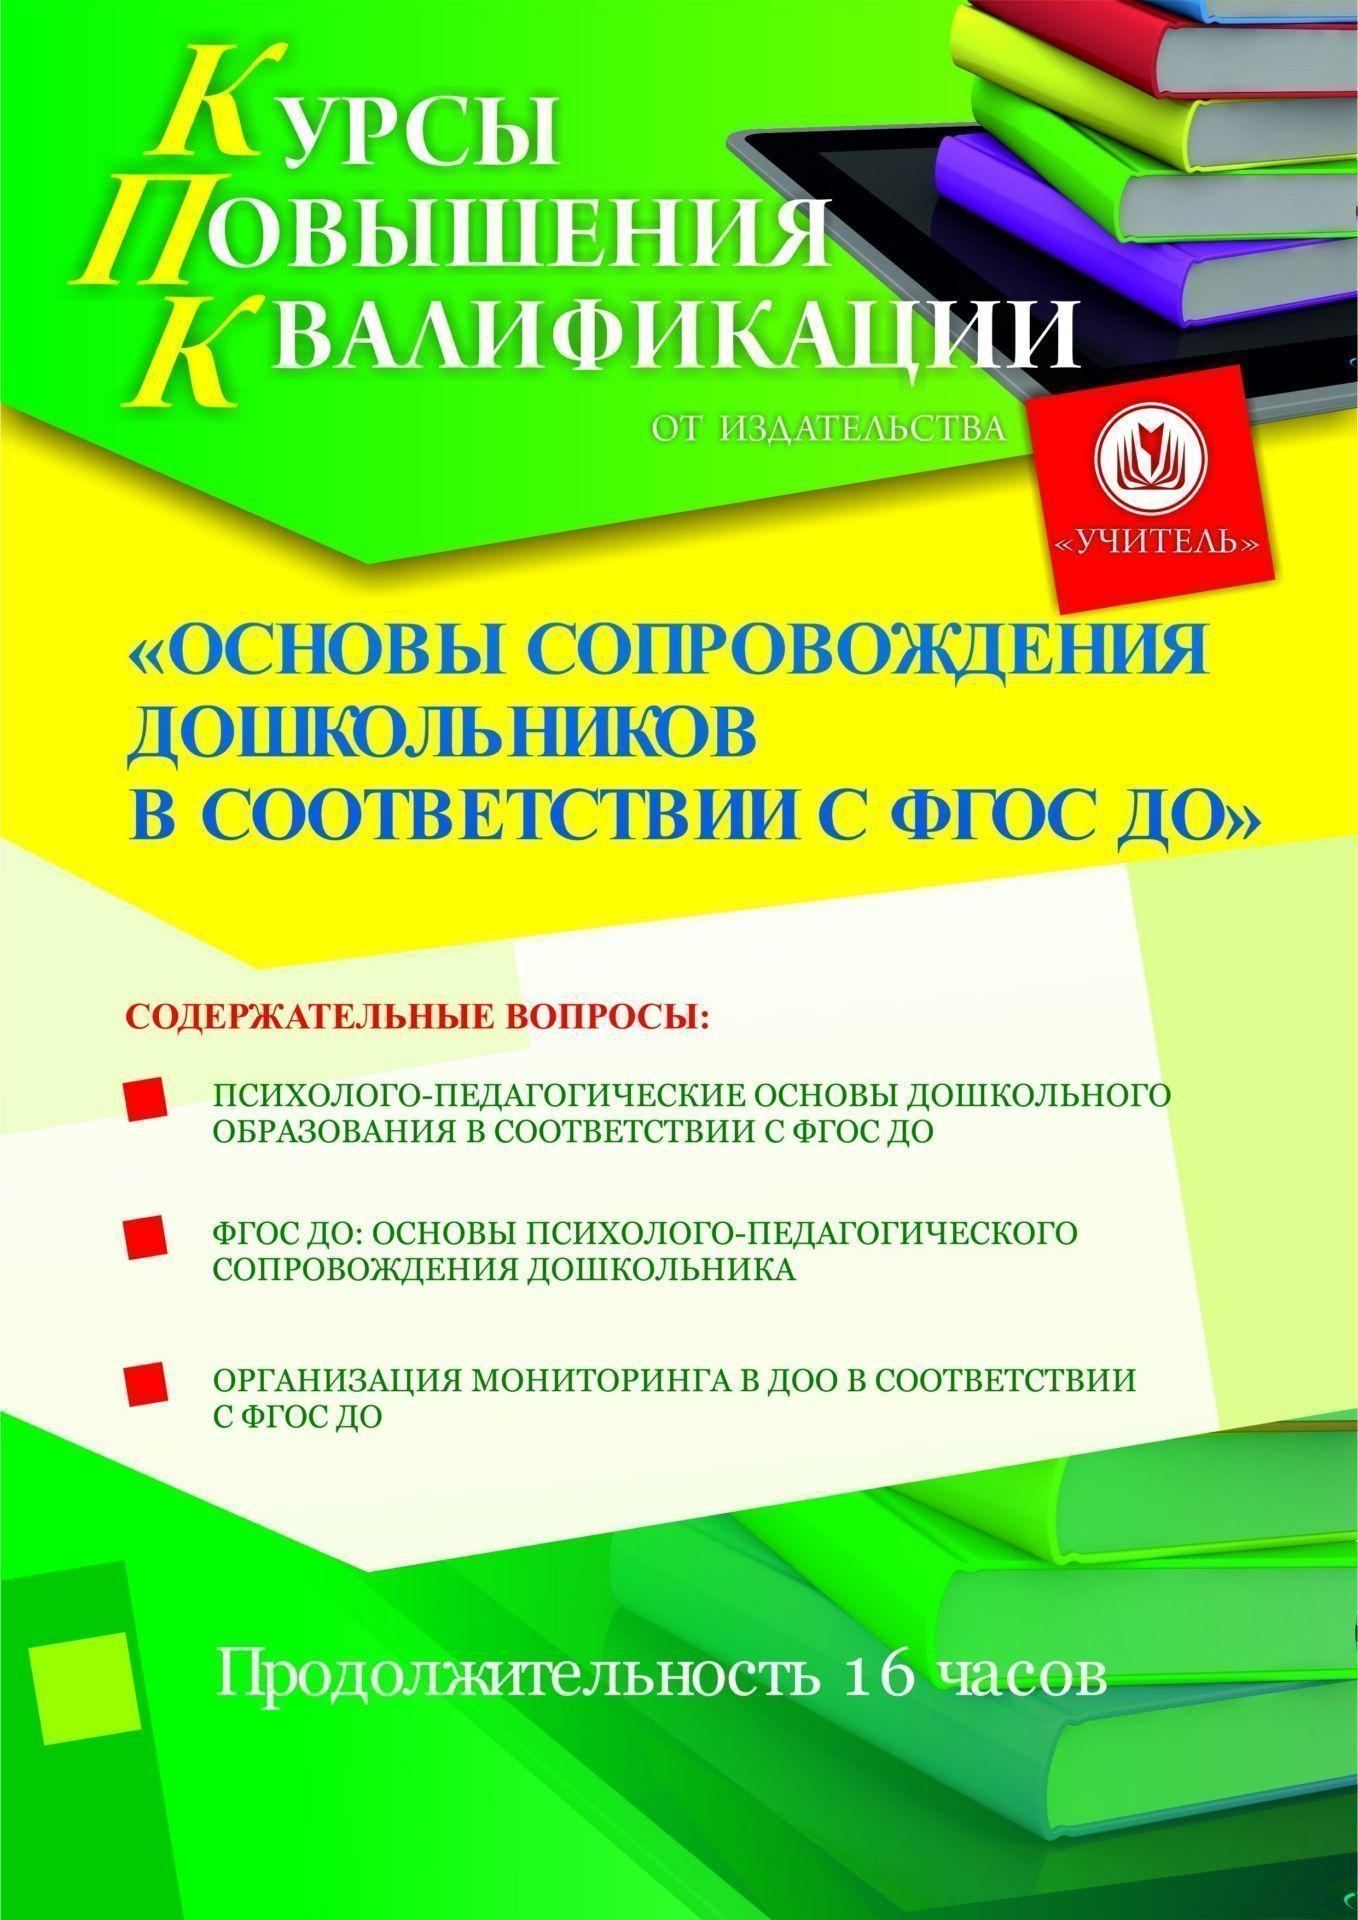 Основы сопровождения дошкольников в соответствии с ФГОС ДО (16 ч.) фото